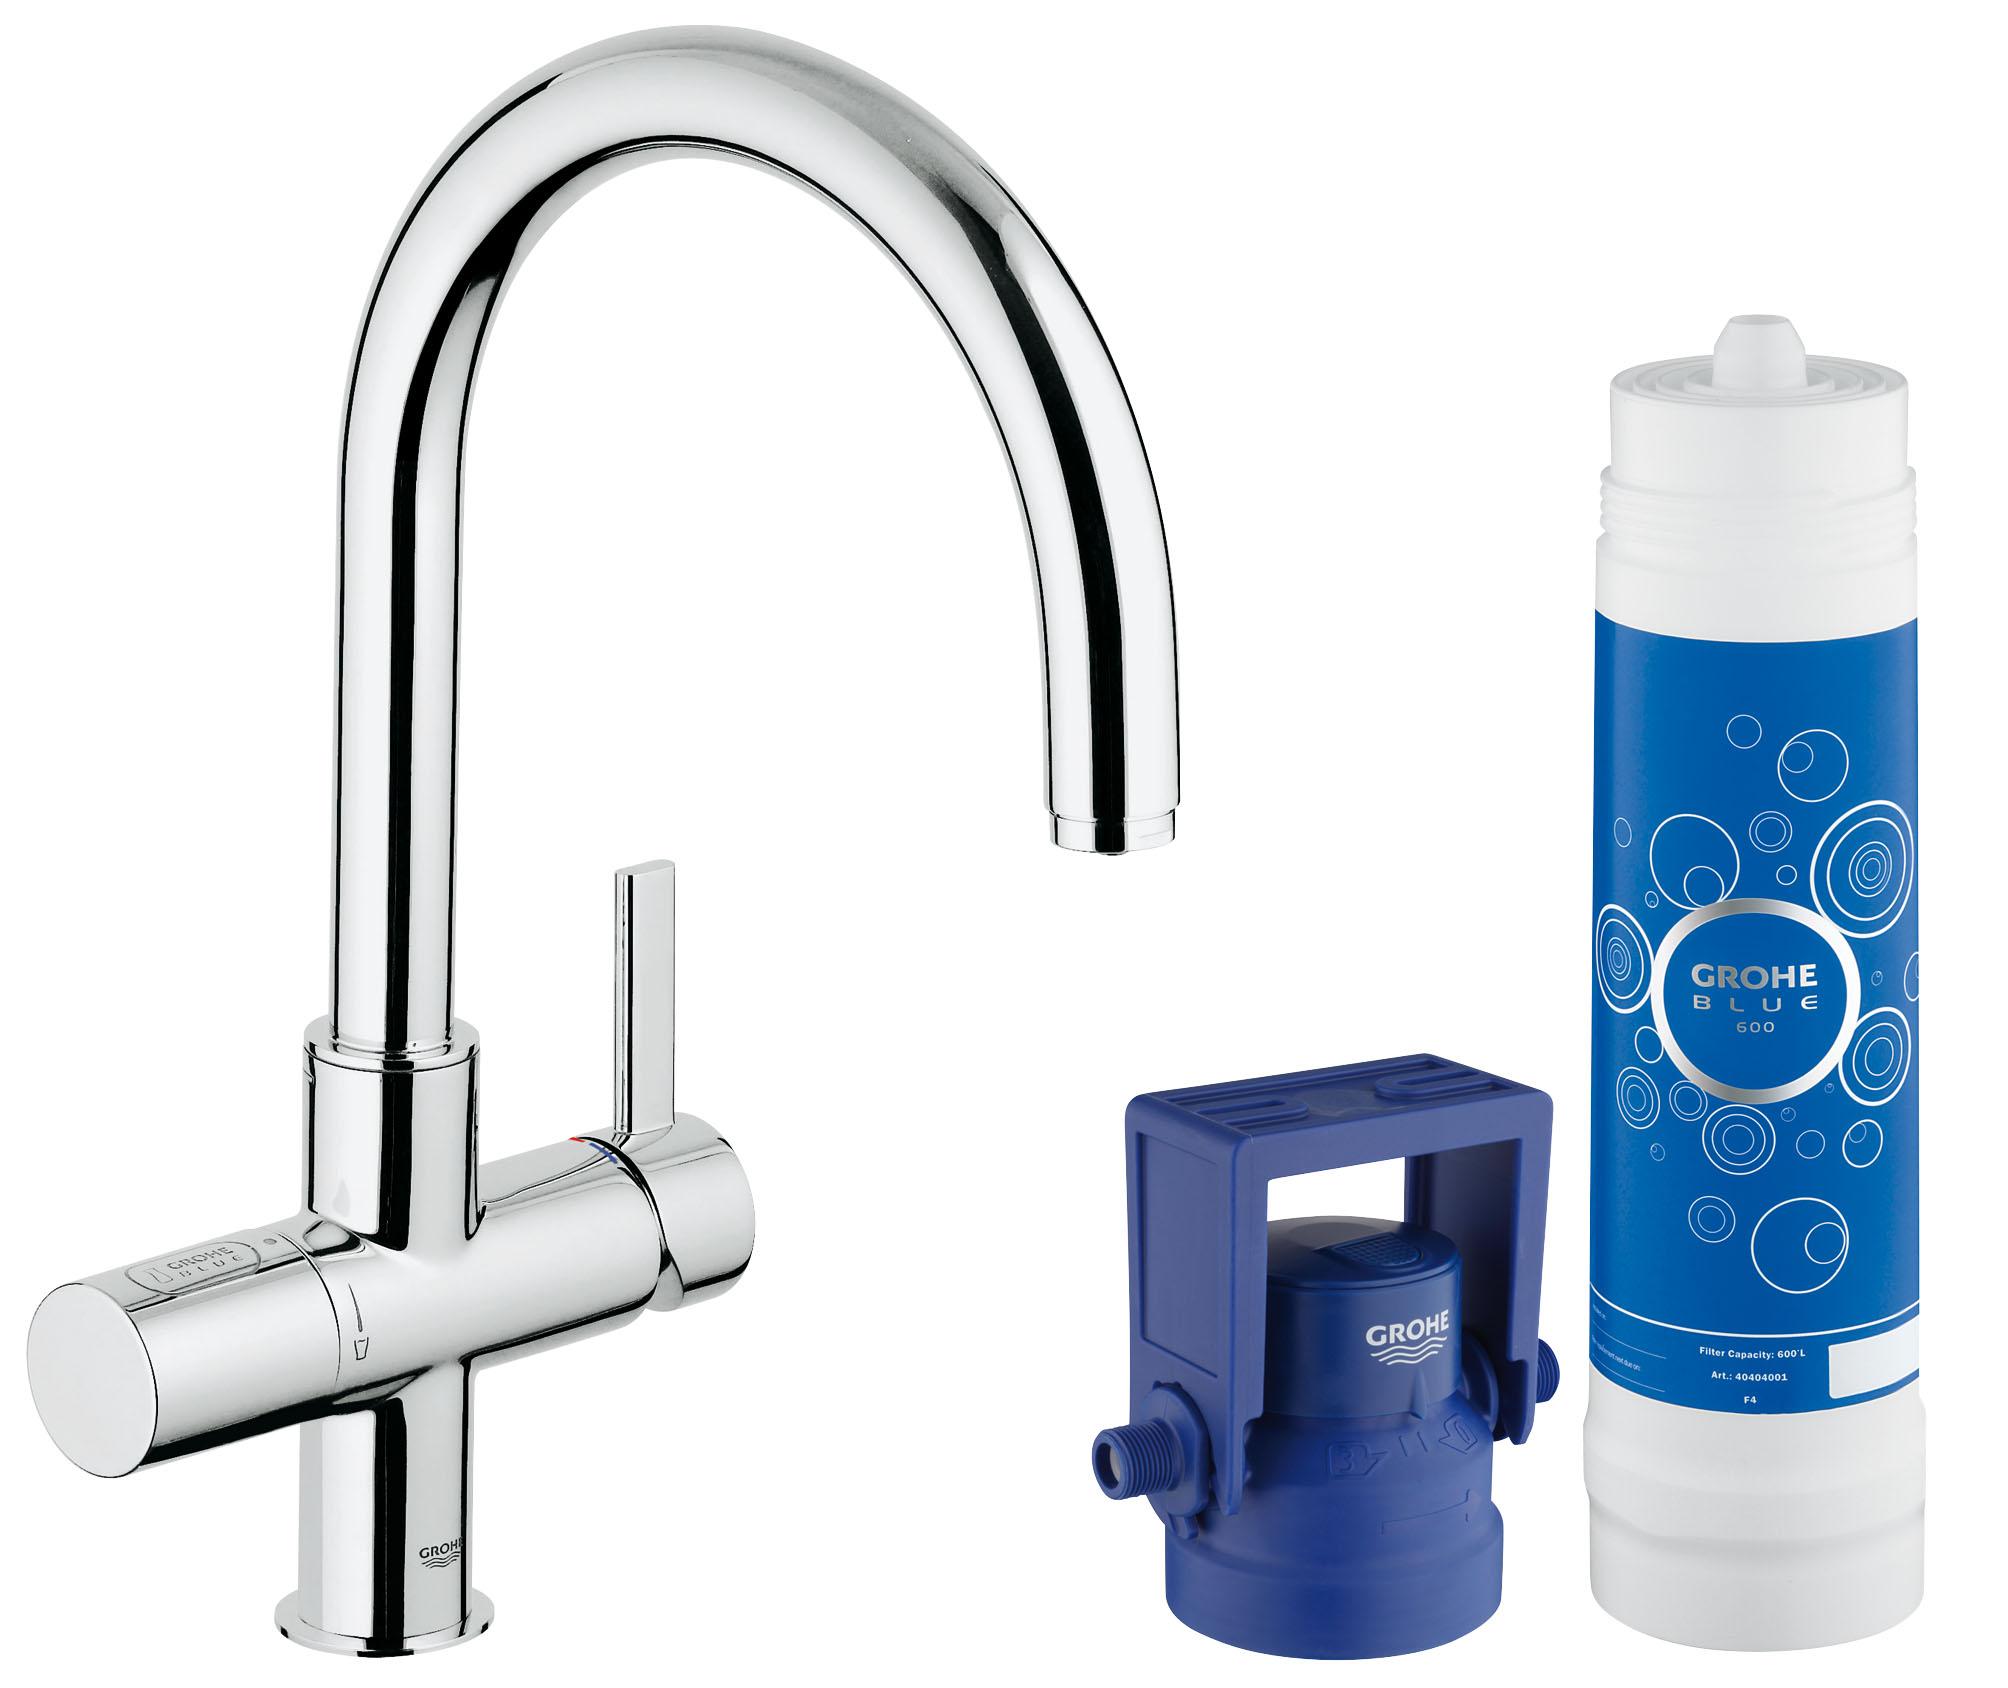 Встраиваемый фильтр Grohe Blue (33249001)33249001GROHE Blue Pure: система фильтрации воды, подающая свежую питьевую воду из-под крана Этот кухонный смеситель из серии GROHE Blue Pure превращает обычную водопроводную воду в чистую, свежую и пригодную для питья. Система фильтрации GROHE Blue Pure, которая активируется отдельным рычагом для подачи воды, очищает воду от нежелательных примесей, ухудшающих ее вкус и запах, включая хлор. Высокий излив, вращающийся в радиусе 180°, придает смесителю элегантный вид и позволяет с легкостью наполнять высокие графины очищенной питьевой водой прямо из-под крана. Технология GROHE SilkMove обеспечивает плавность регулировки напора воды при минимуме усилий. Разумеется, данный смеситель GROHE Pure Duo также выполняет все функции обычного кухонного смесителя. Благодаря хромированному покрытию GROHE StarLight, которое придает ему долговечность и износостойкость, этот сияющий смеситель всегда будет центром внимания в интерьере Вашей кухни. Особенности: Включает в себя: GROHE Blue Смеситель...